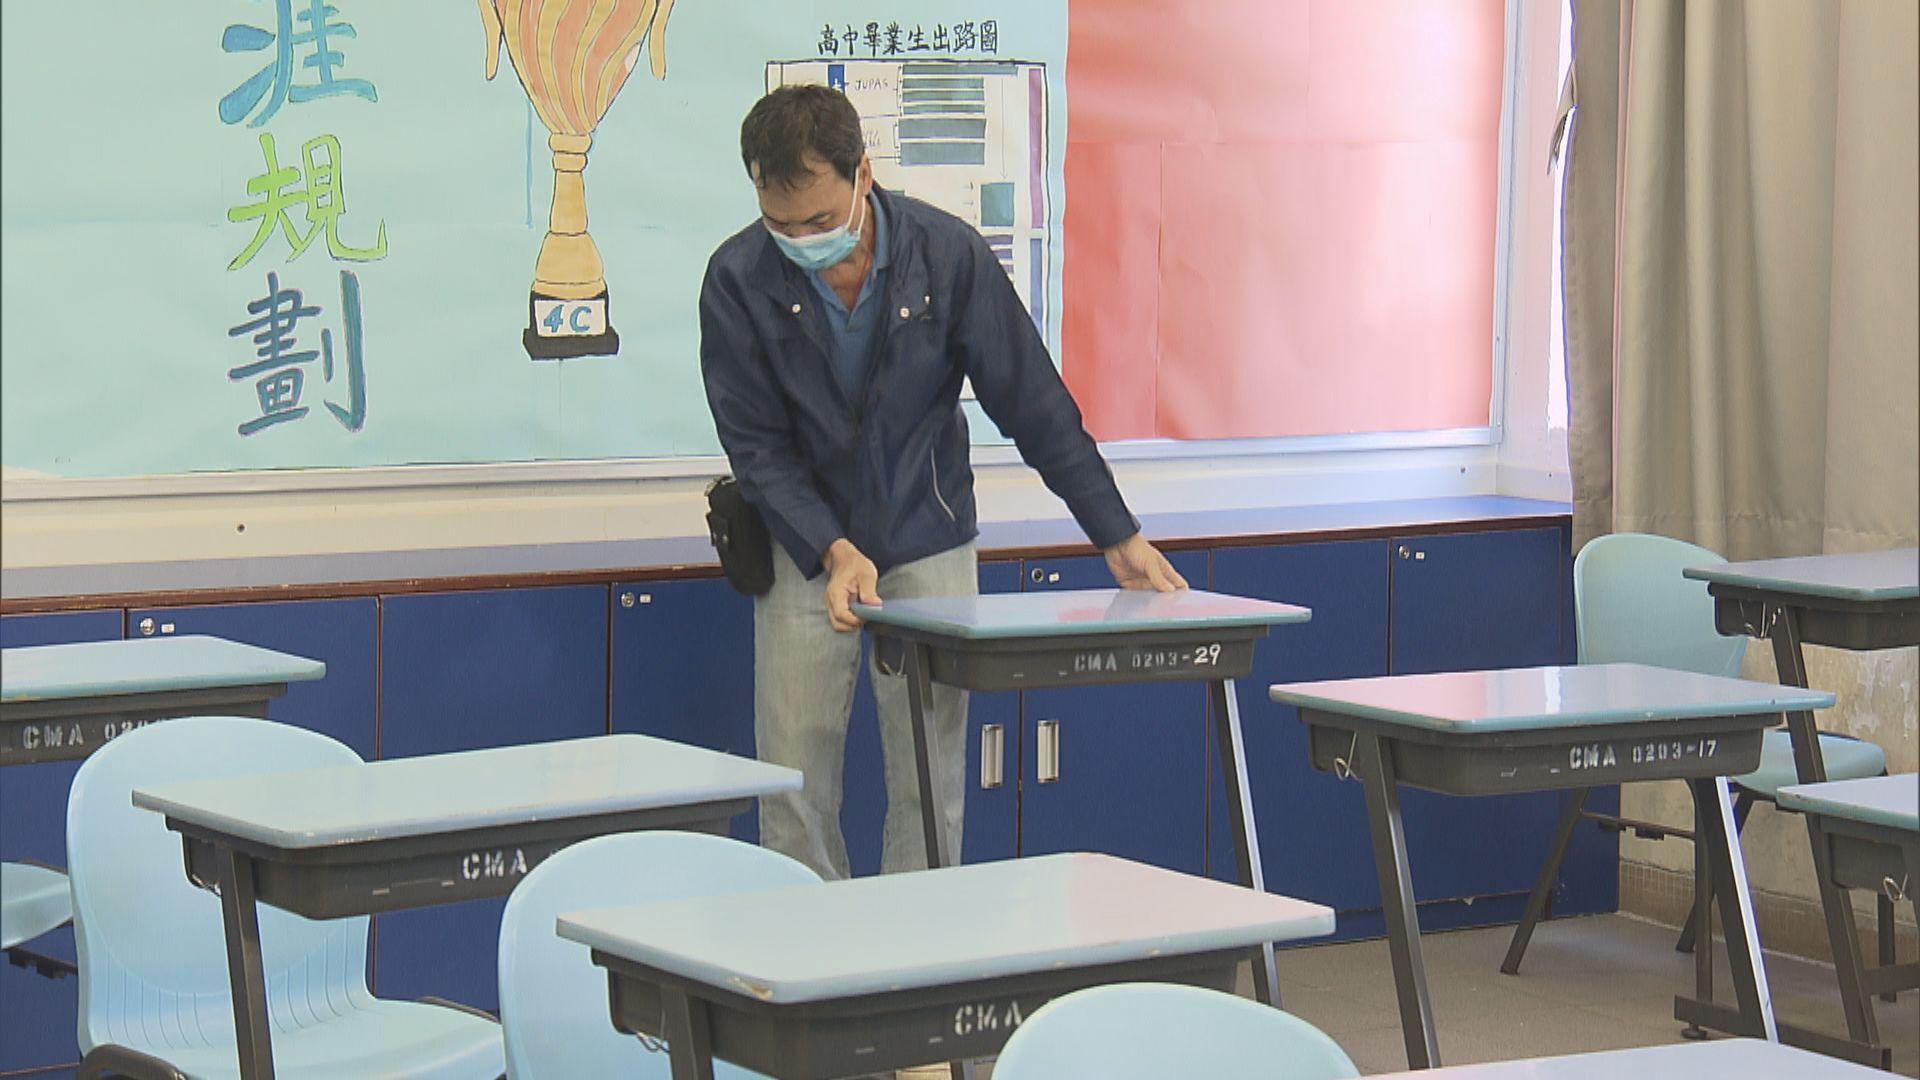 中學為復課準備調整上課時間表及加強防疫措施